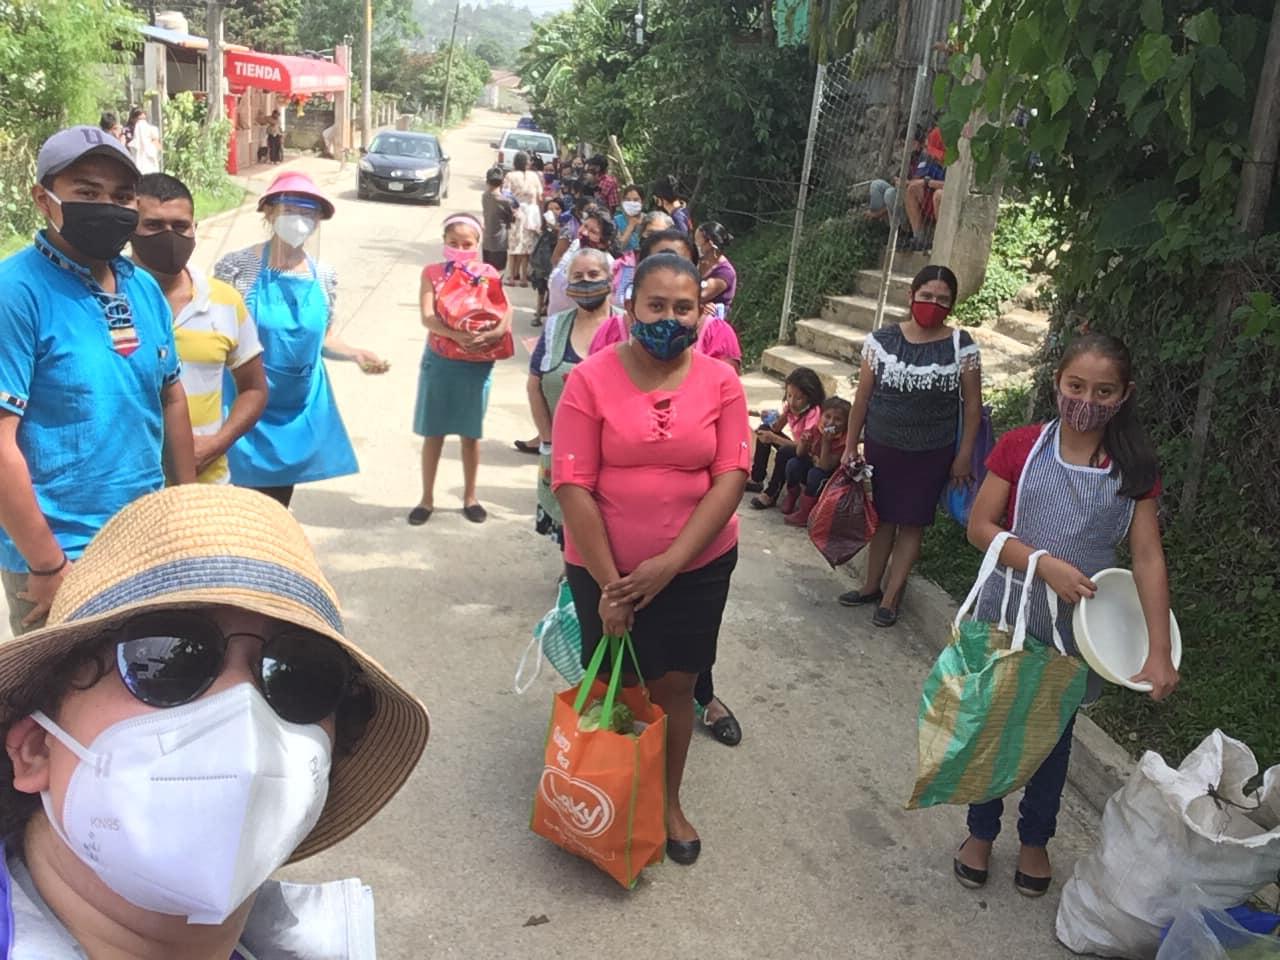 Canastas mejoradas de víveres a familias de escasos recursos Guatemala COVID-19